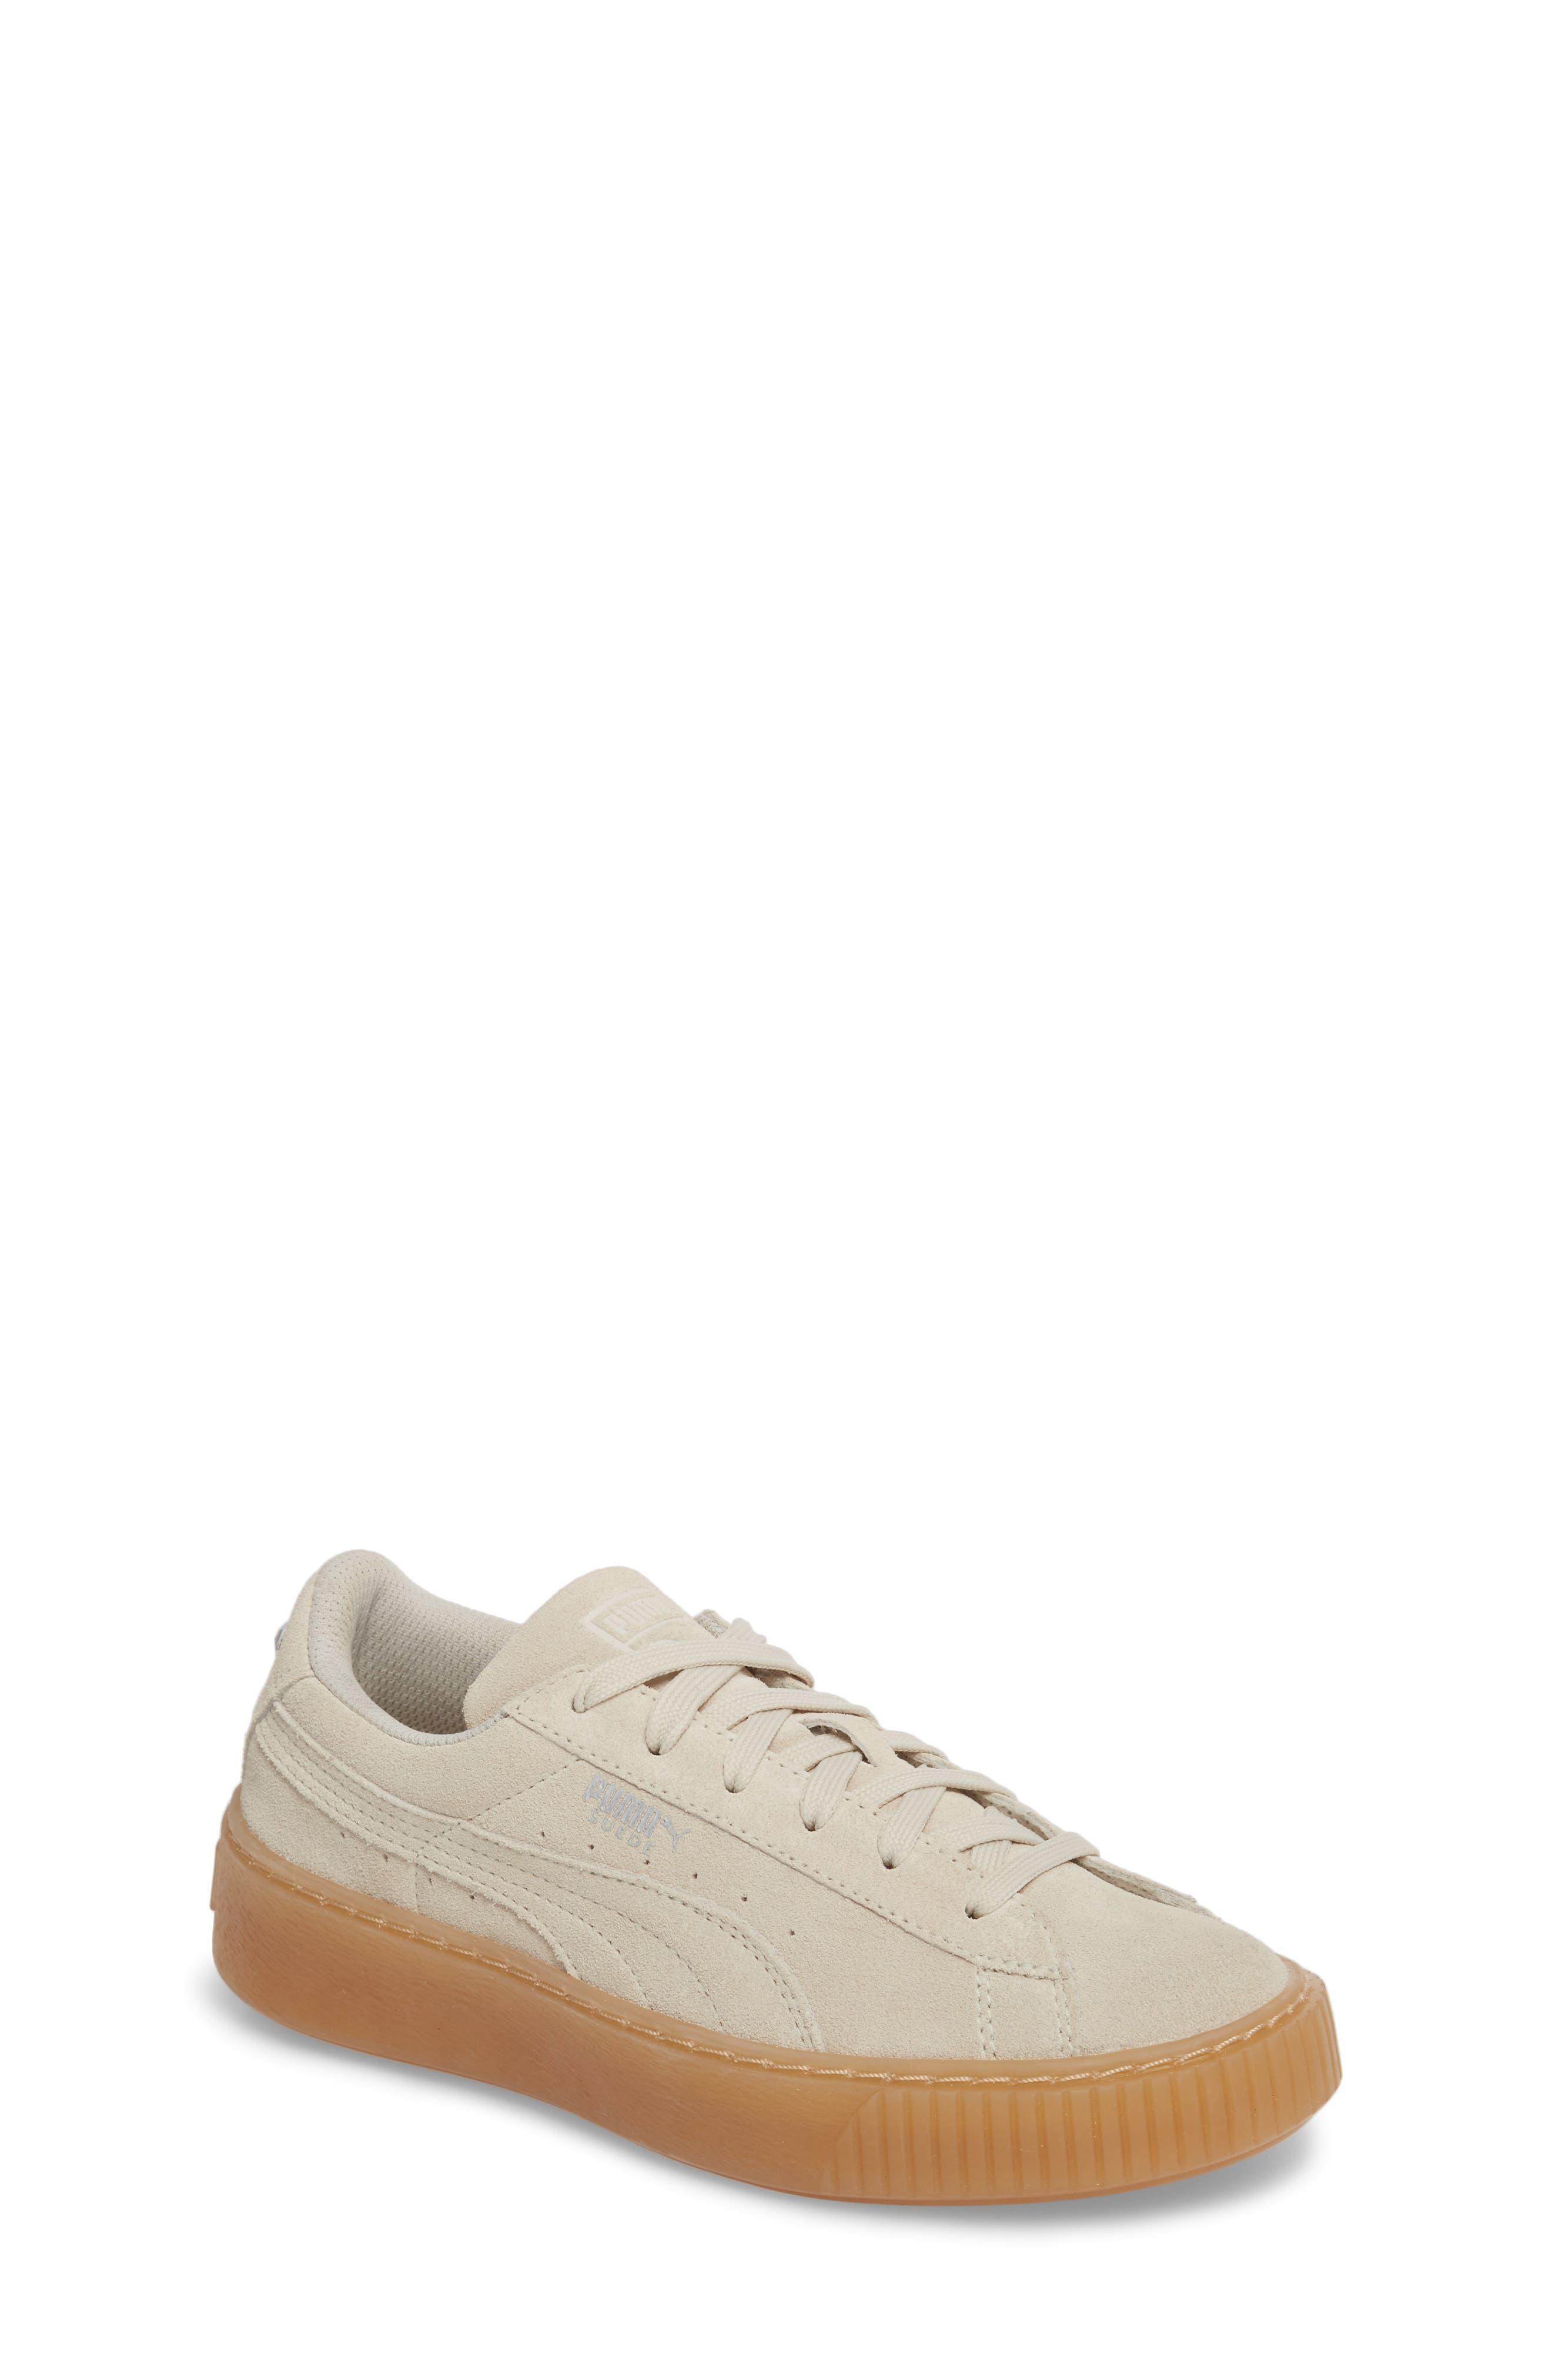 Jewel Suede Platform Sneaker,                         Main,                         color, Whisper White/ Whisper White